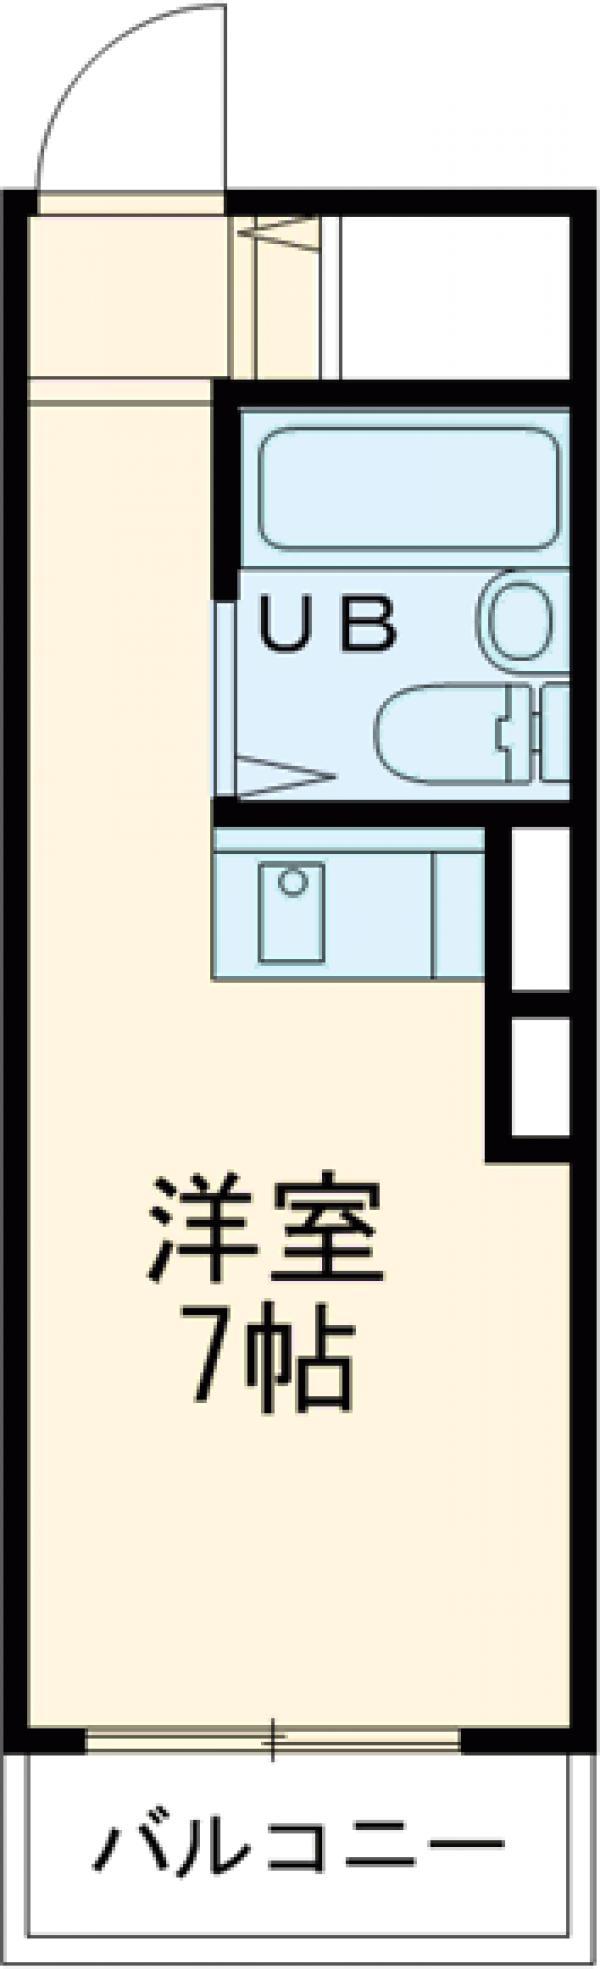 ライオンズマンション大塚第2 602号室の間取り